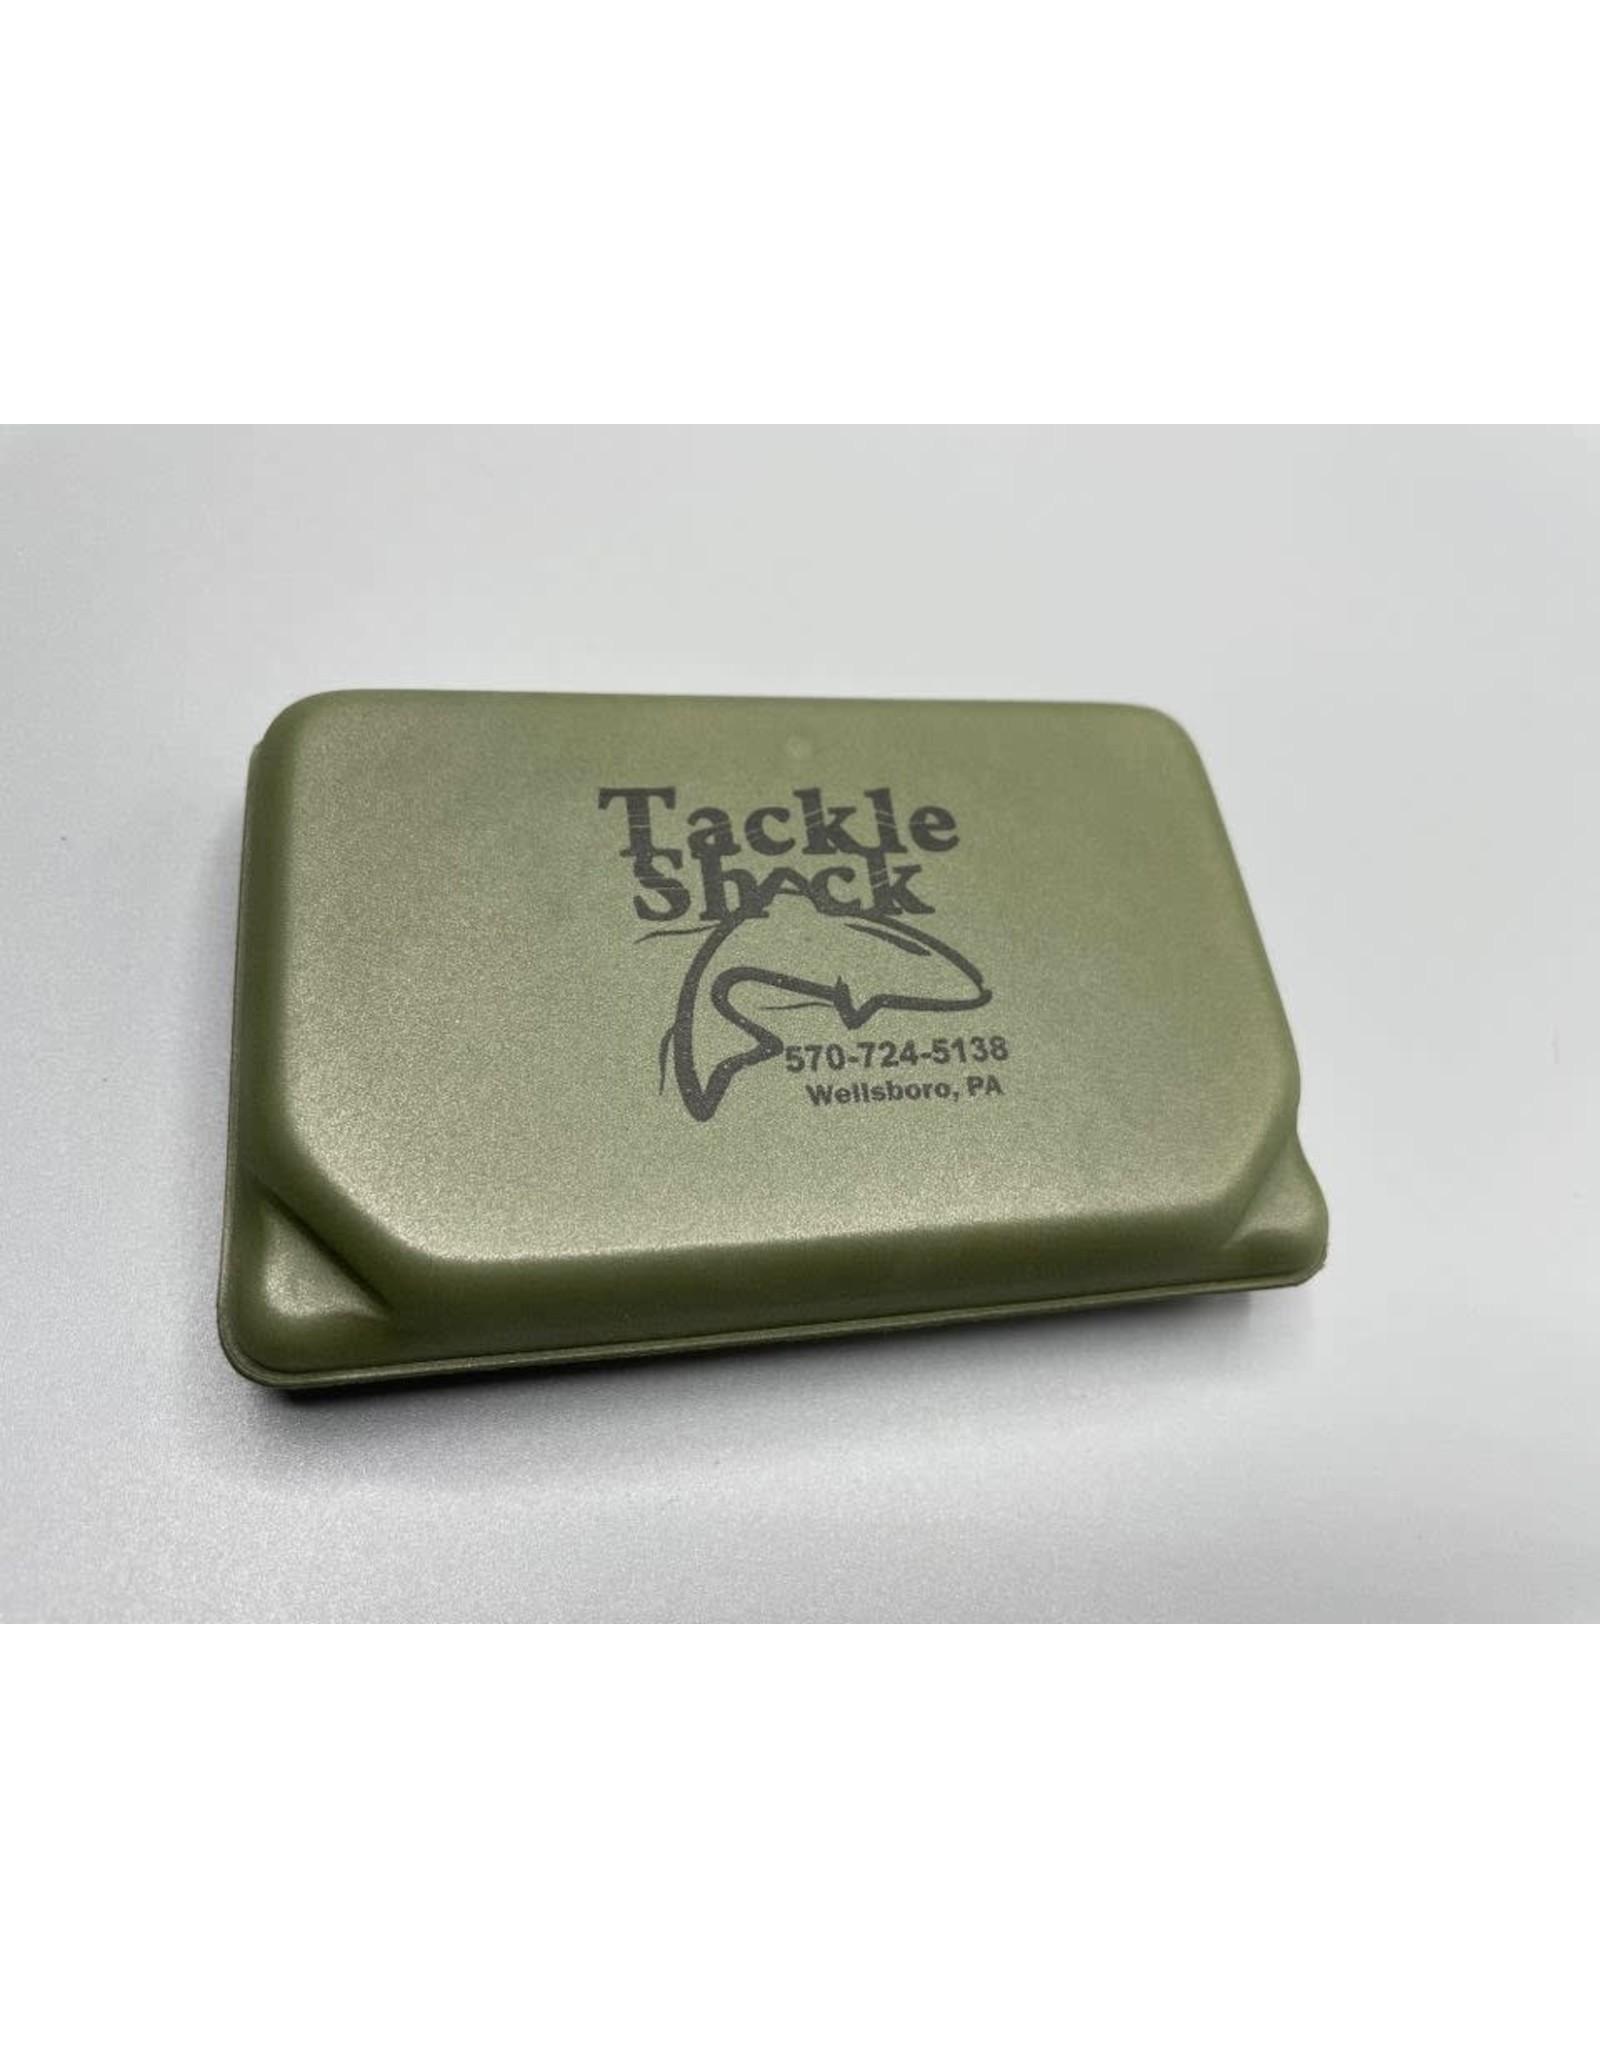 Tackle Shack Tackle Shack Fly Box FG1530